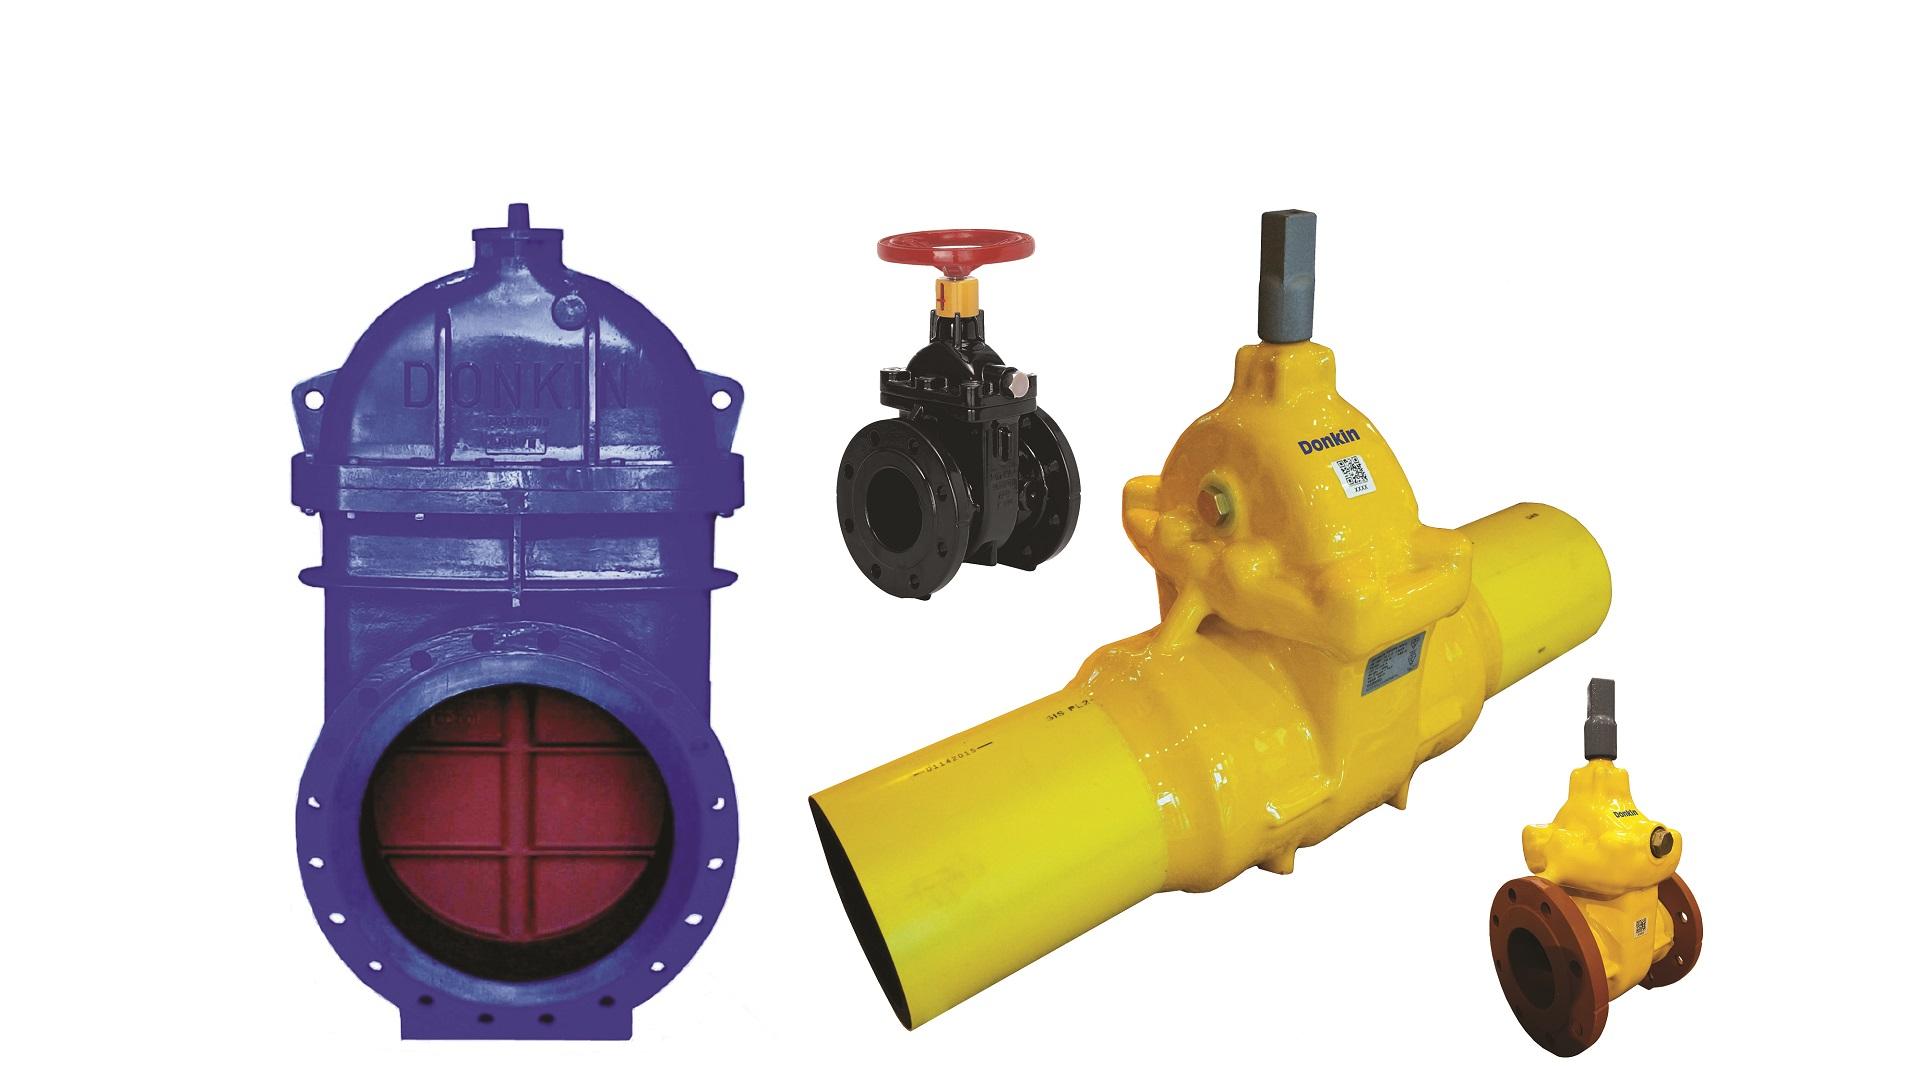 AVK Donkin gas gate valves soft seal GIS v7